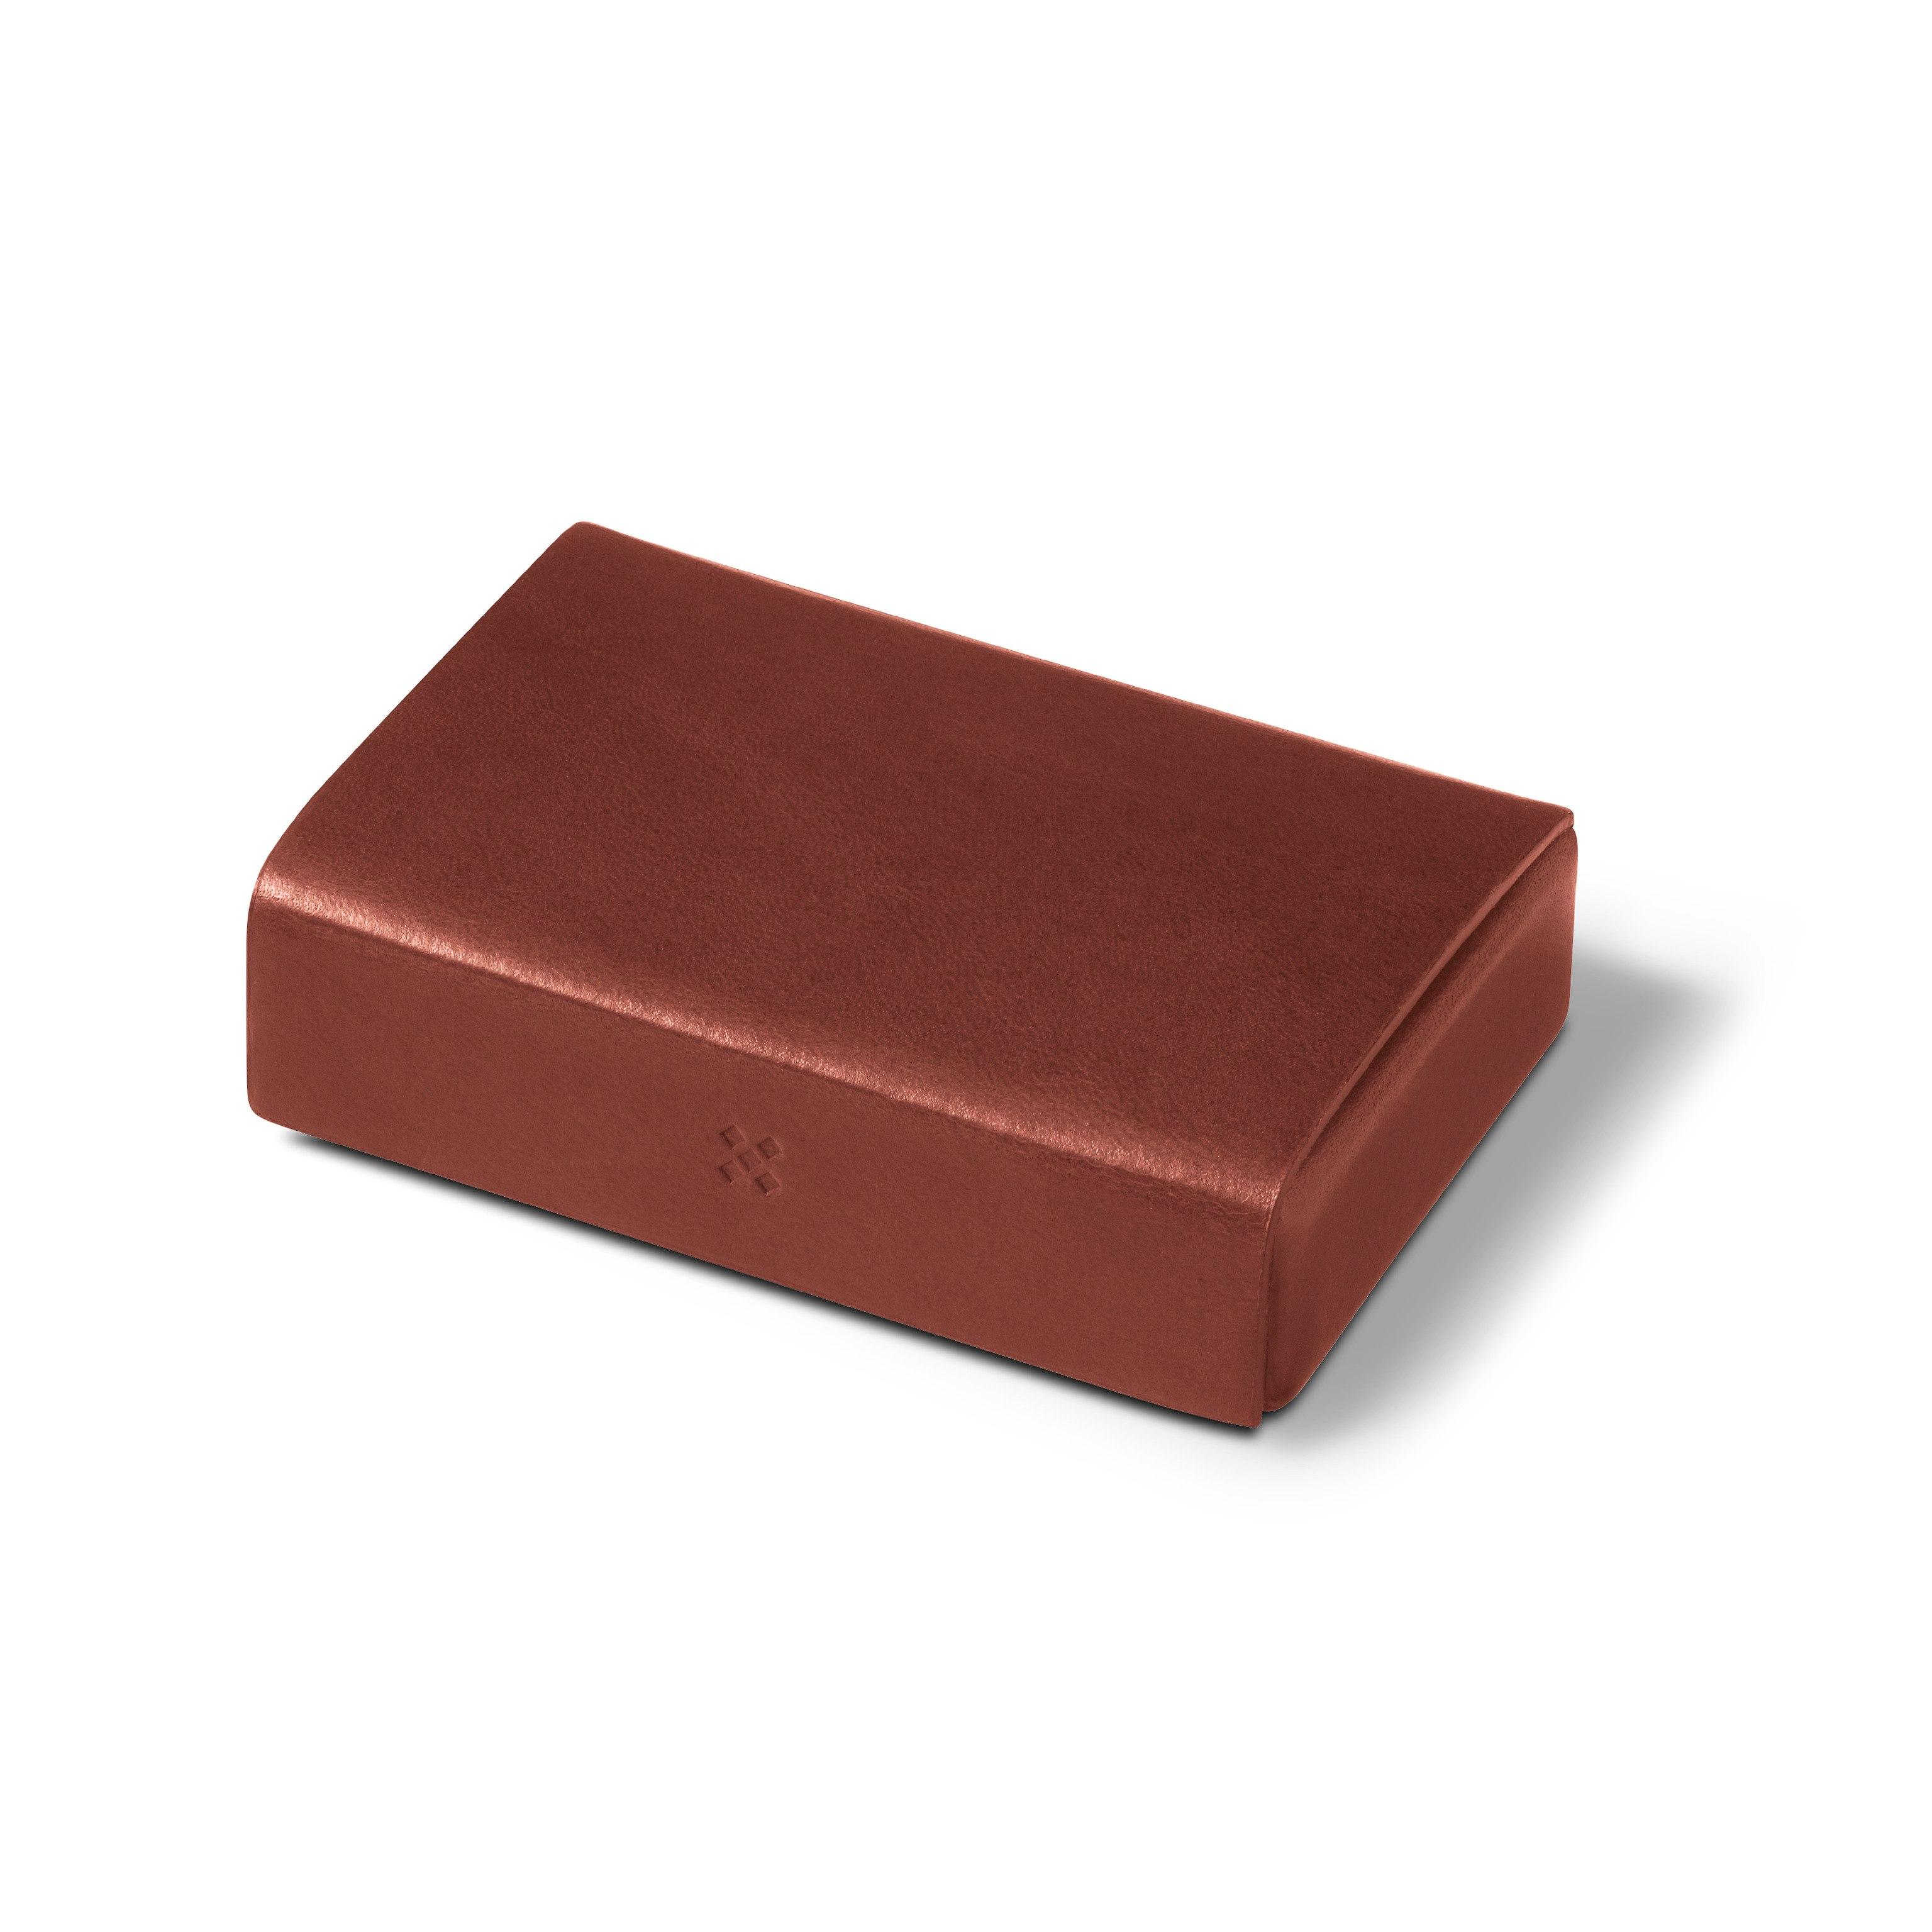 LGNDR Leather Case ETWEE Short